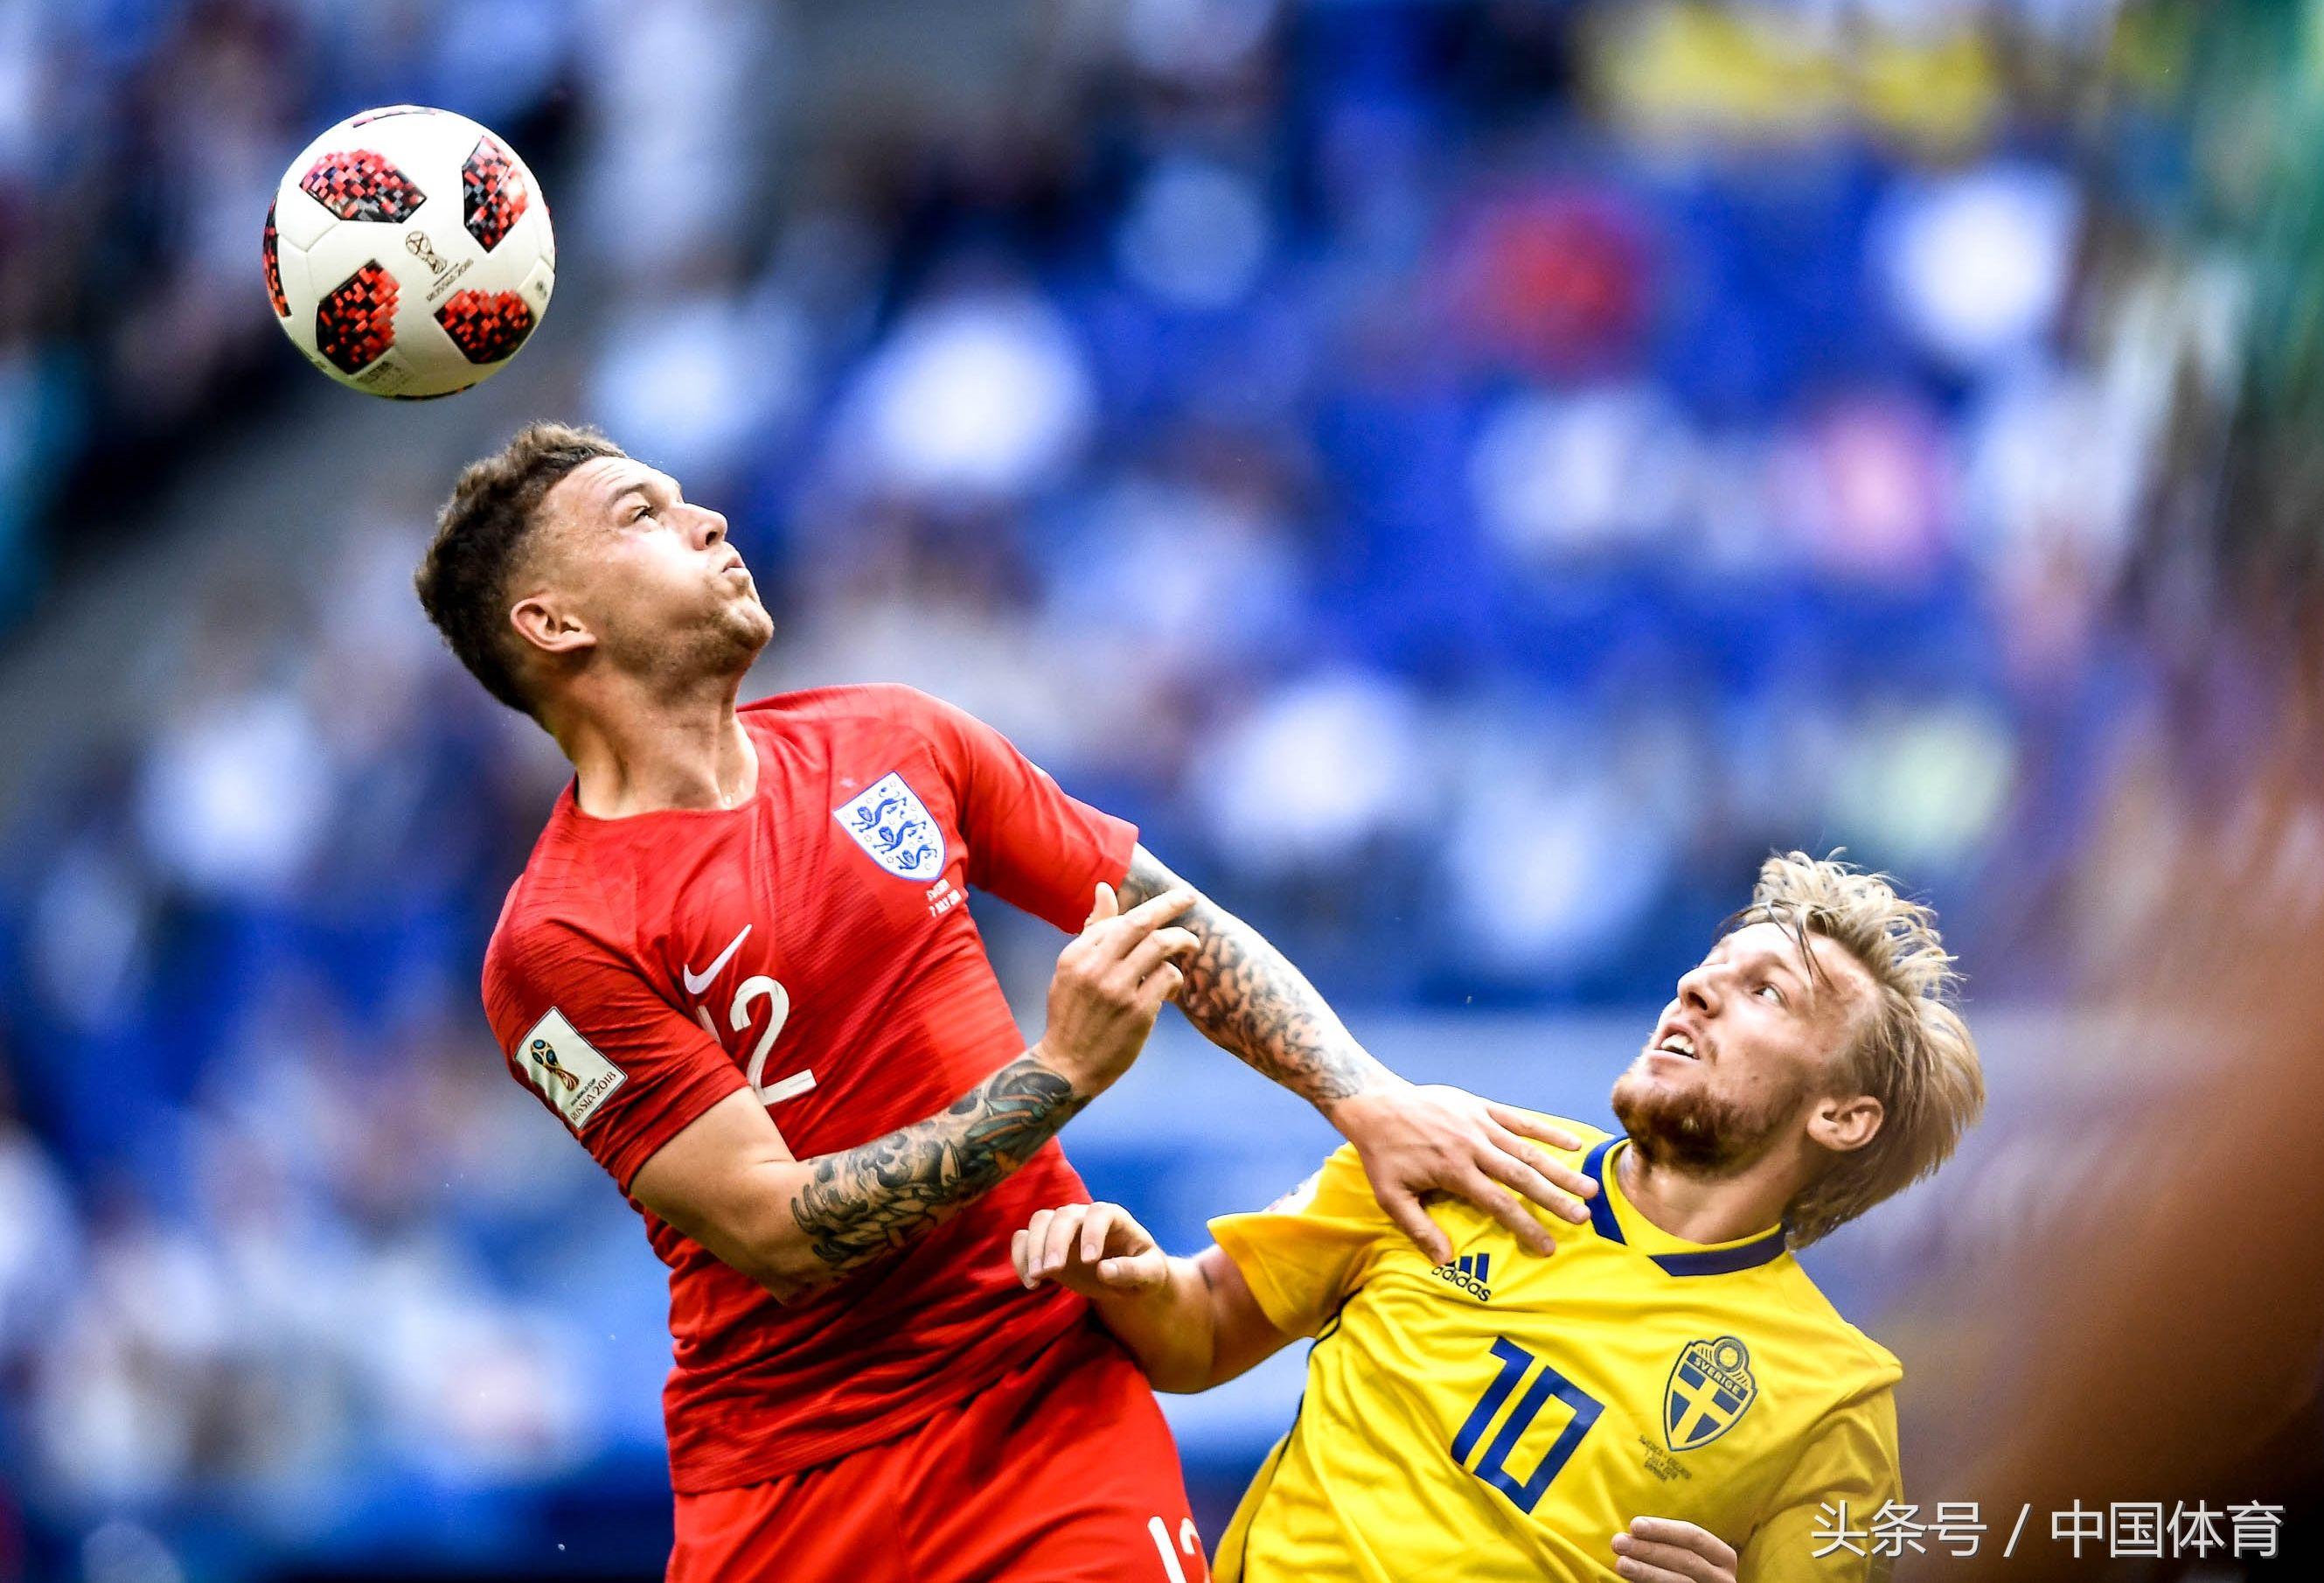 2018fifa俄罗斯世界杯1/4决赛 英格兰队2比0胜瑞典队进四强